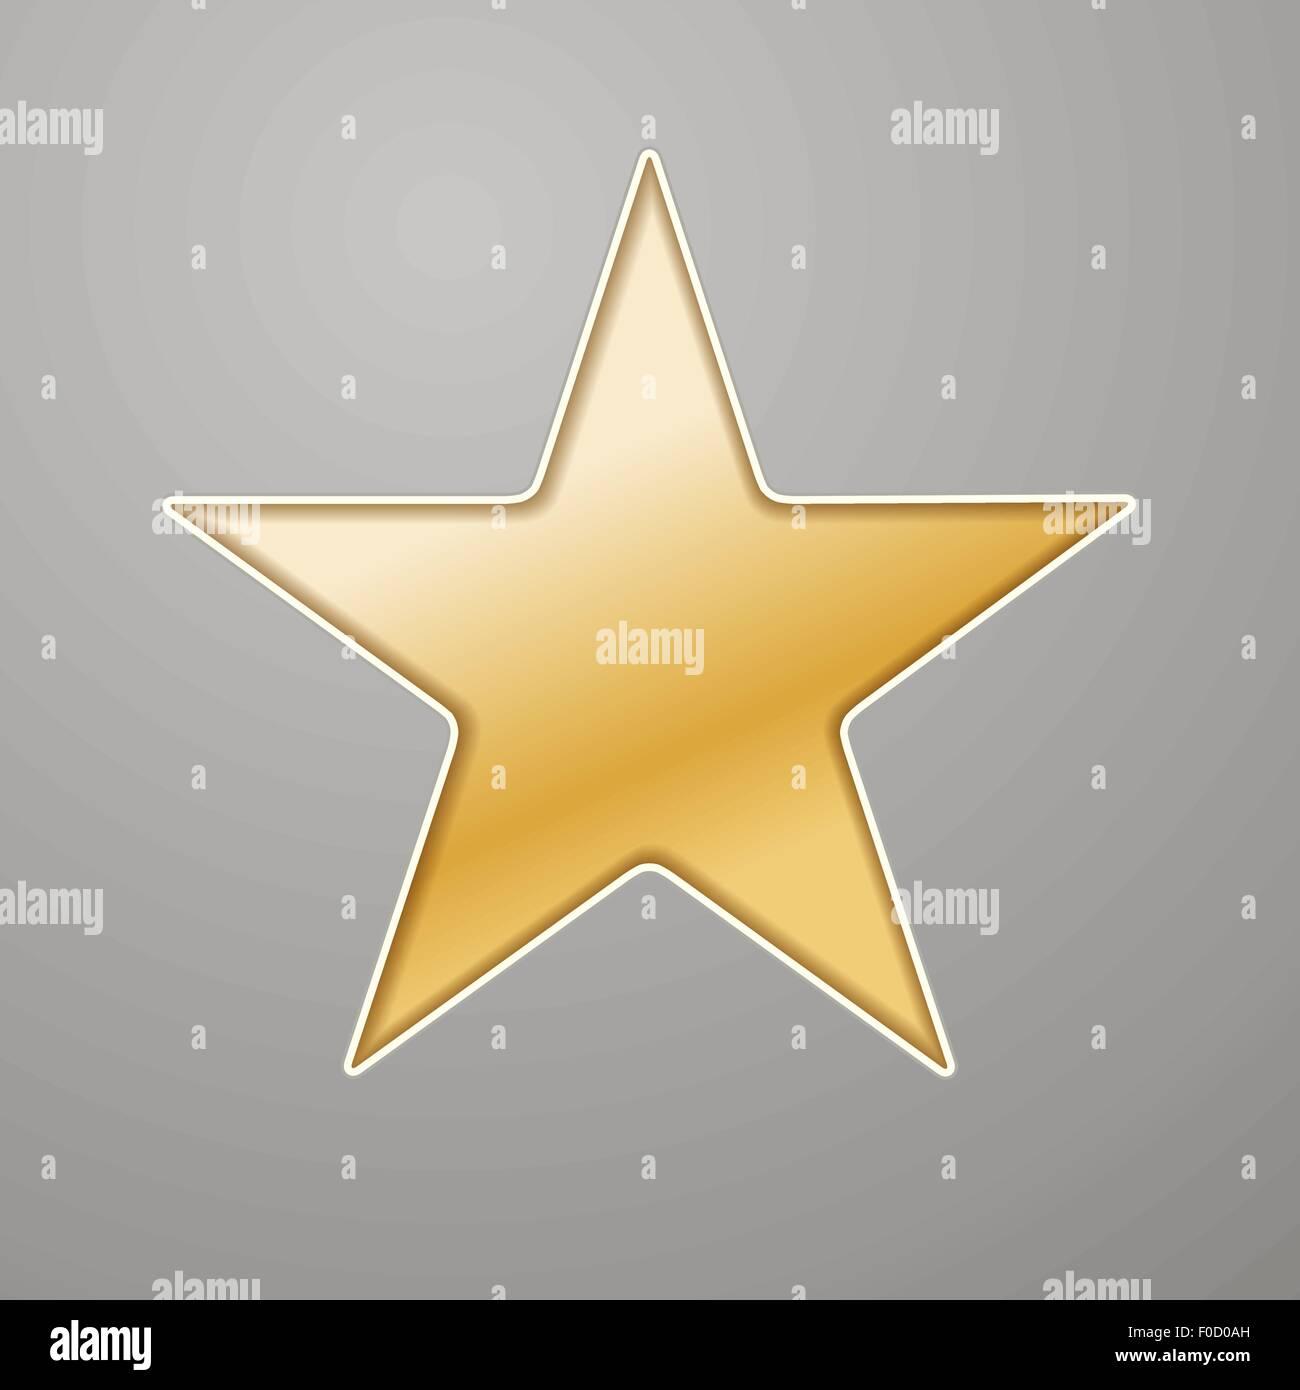 Goldene Sterne Hintergrund in graues Papier ausschneiden Vektor ...